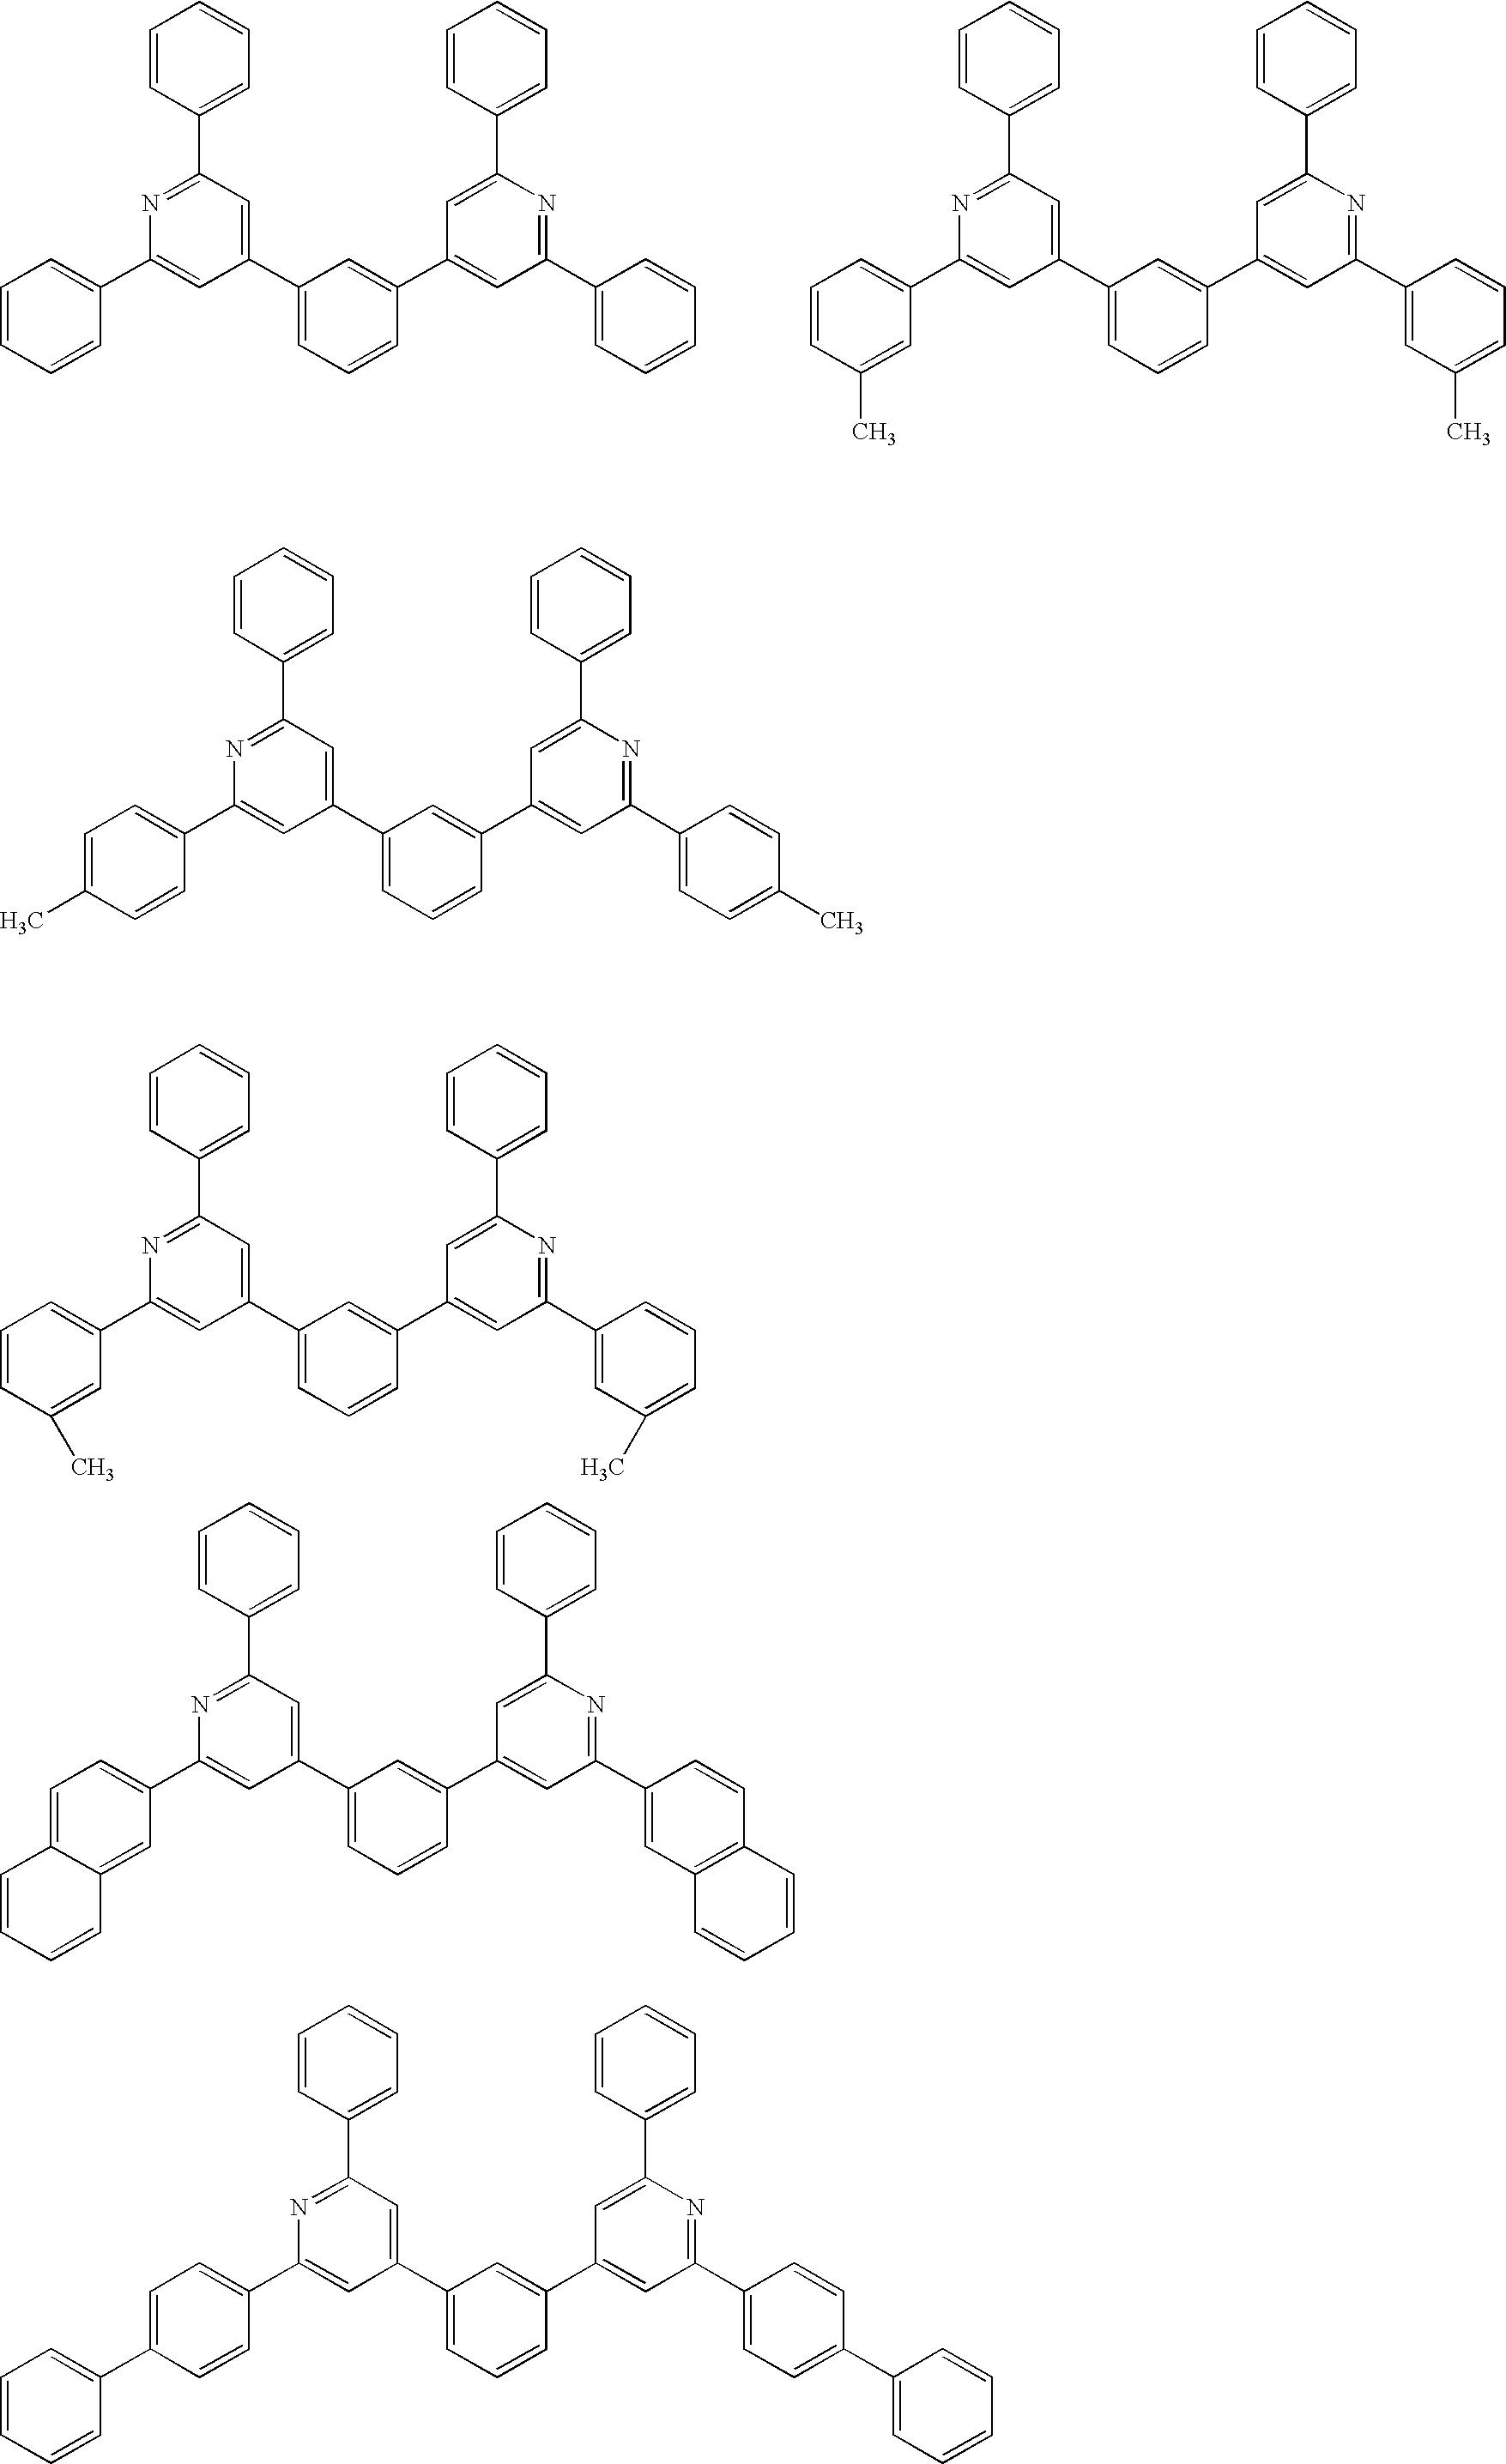 Figure US20060186796A1-20060824-C00116